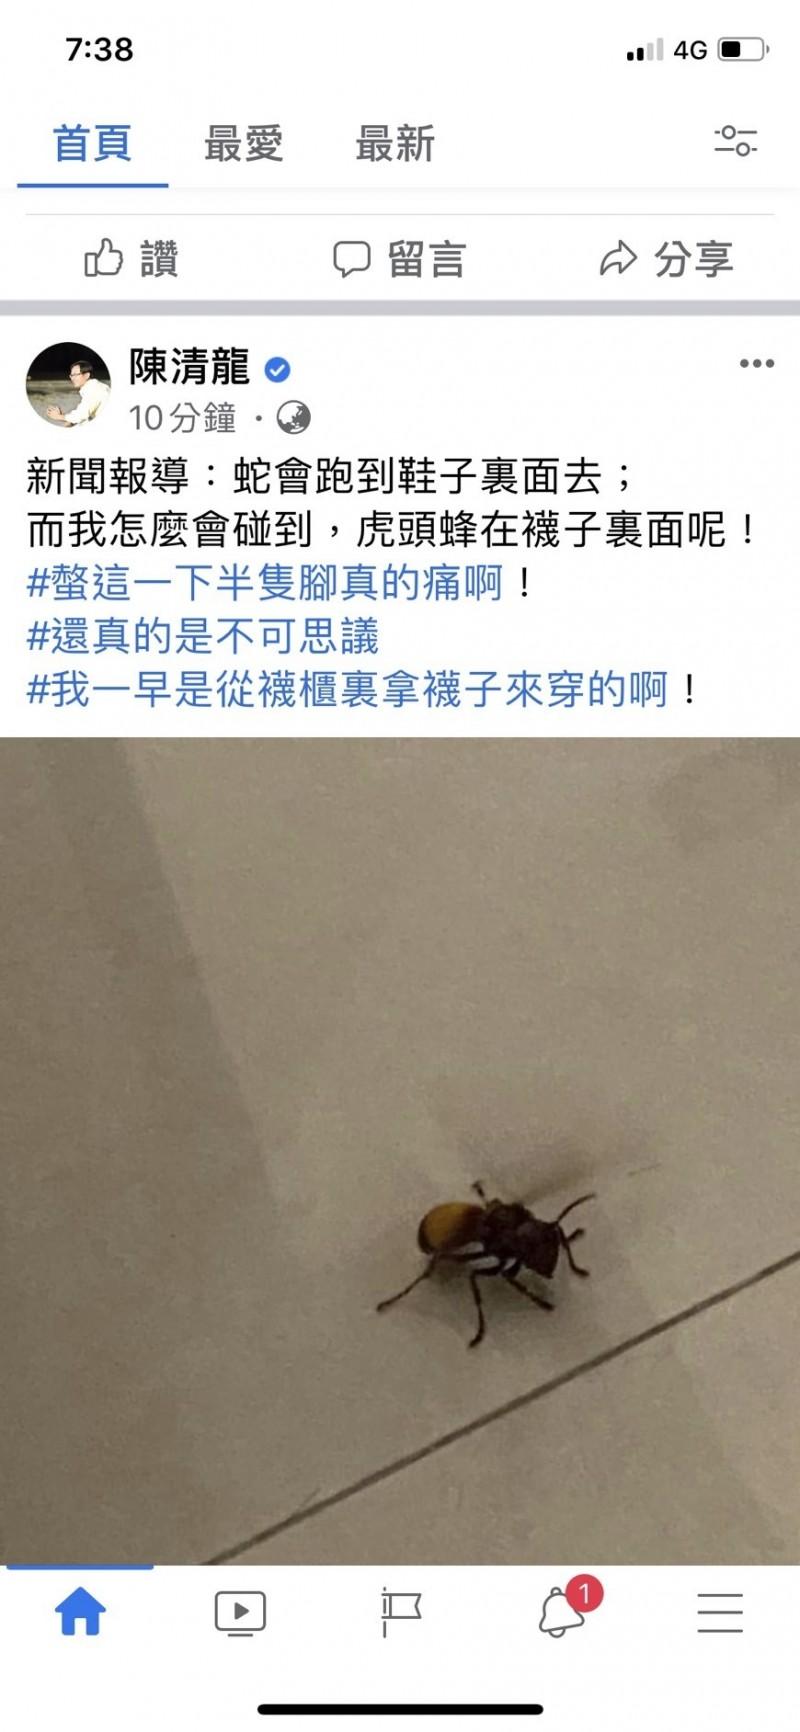 台中市議員陳清龍今天穿襪時不小心被躲在襪中的虎頭蜂螫傷,讓他大感不可思議。(擷取自臉書)